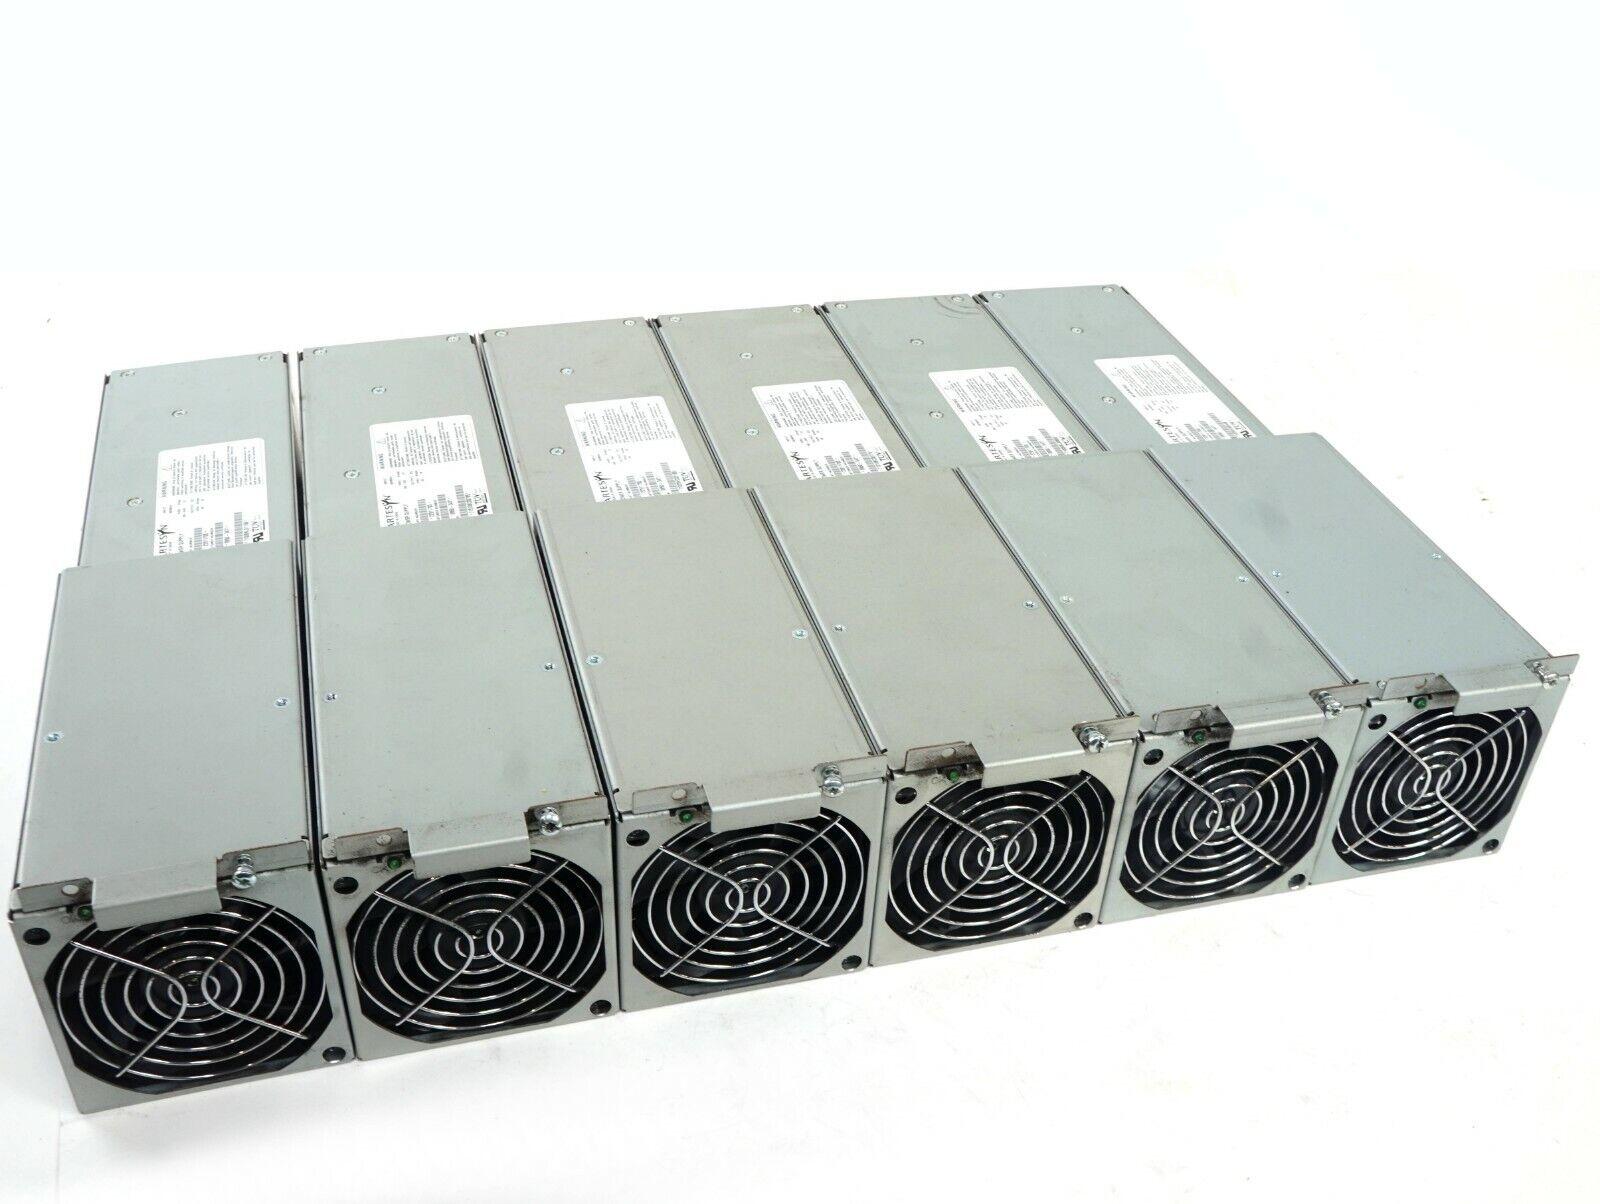 ARTESYN AC/DC Power Supply